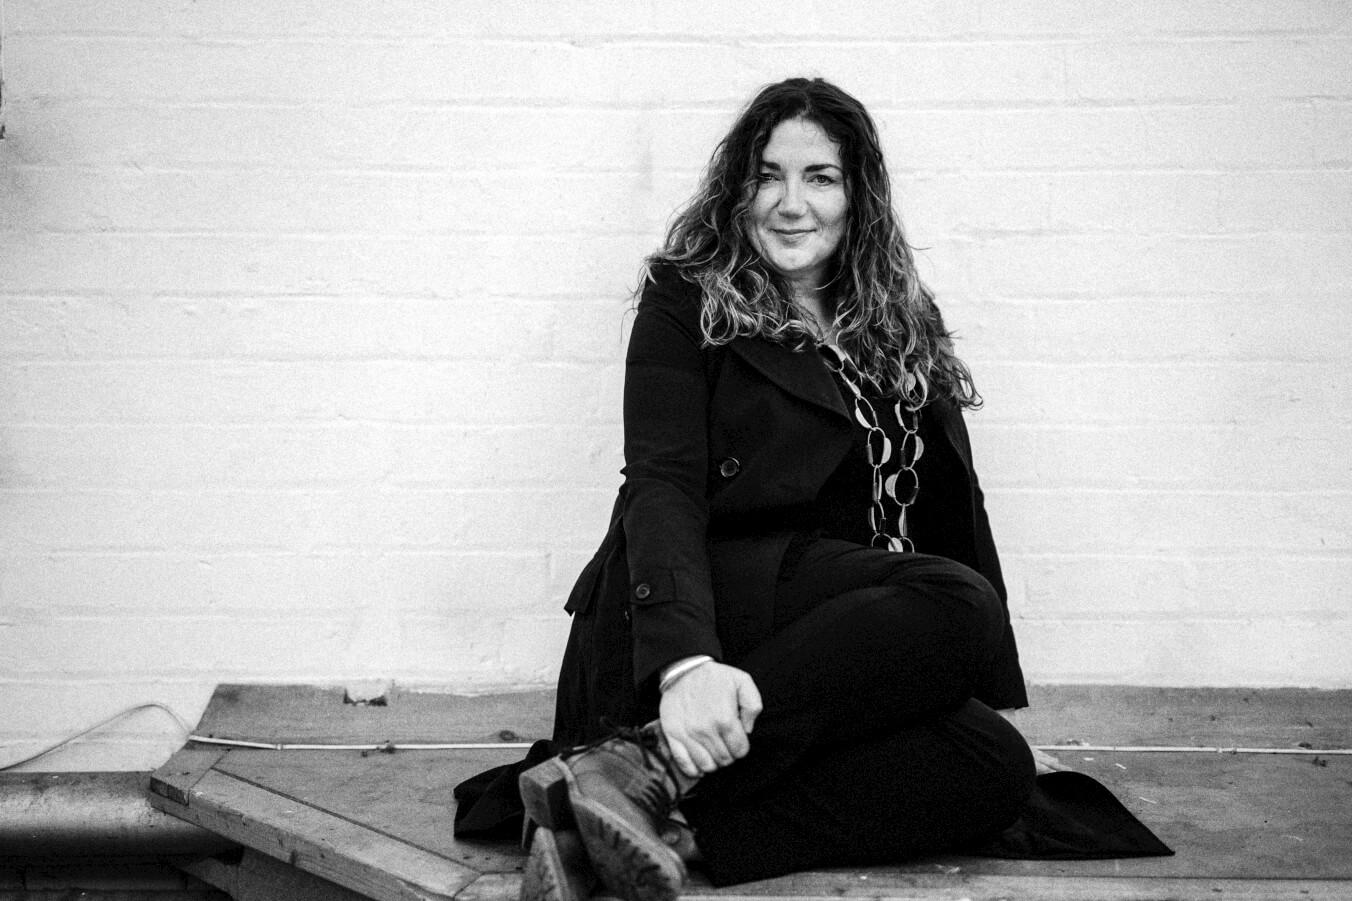 Sara-Colman-Jazz-Singer-British-Female-sitting-smiling.jpg